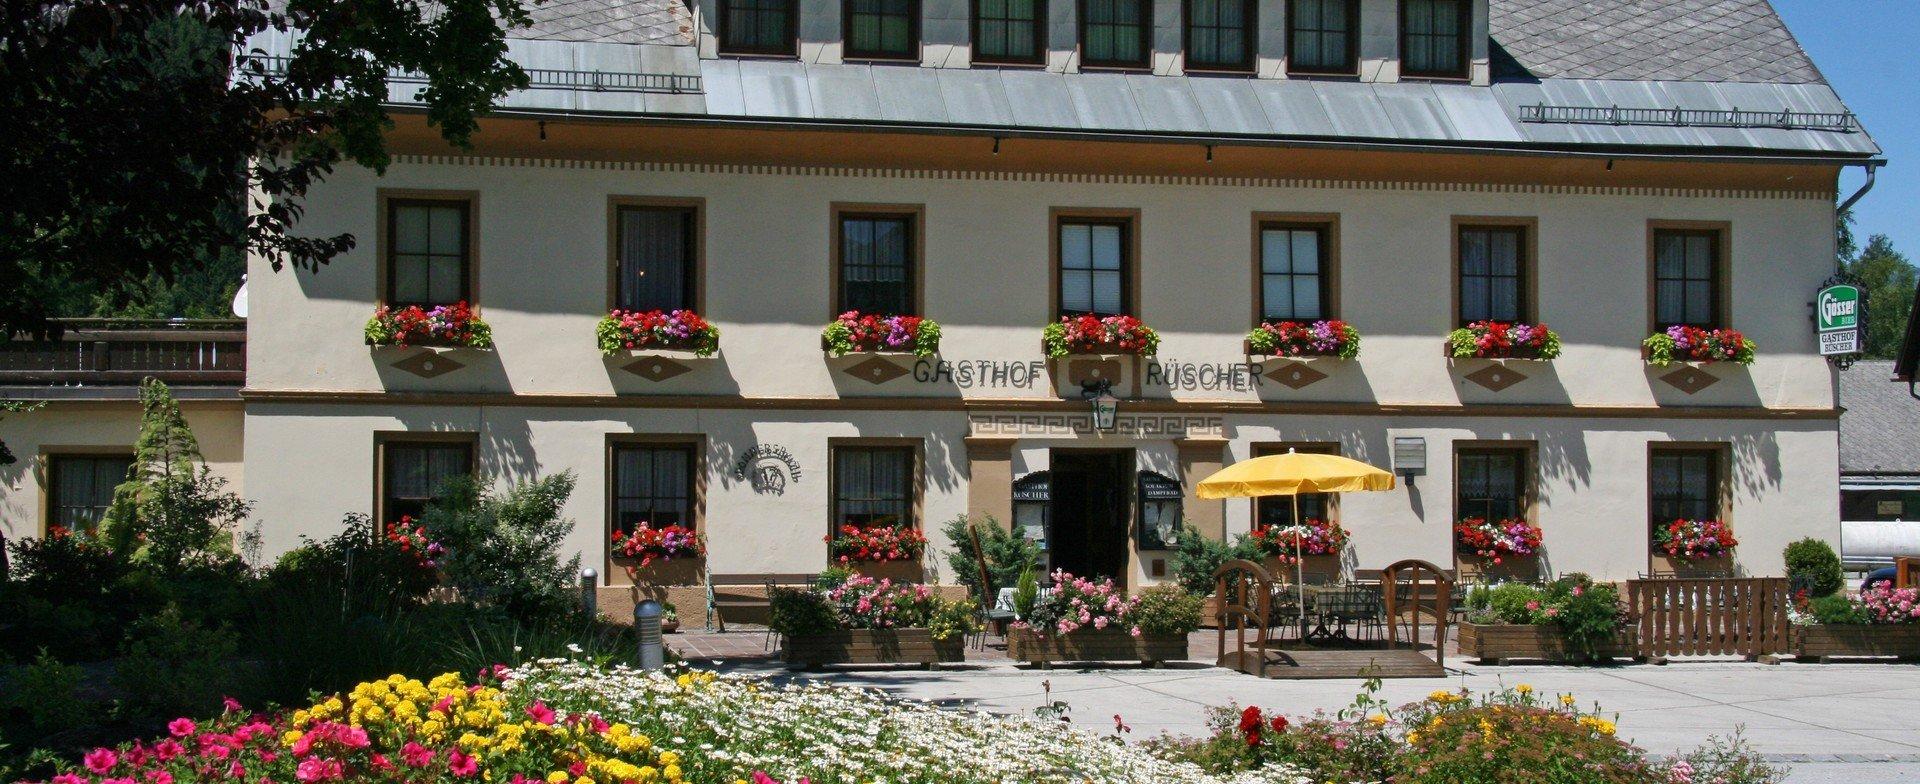 Gasthof Rüscher - Restaurant - Zimmer - Wellness